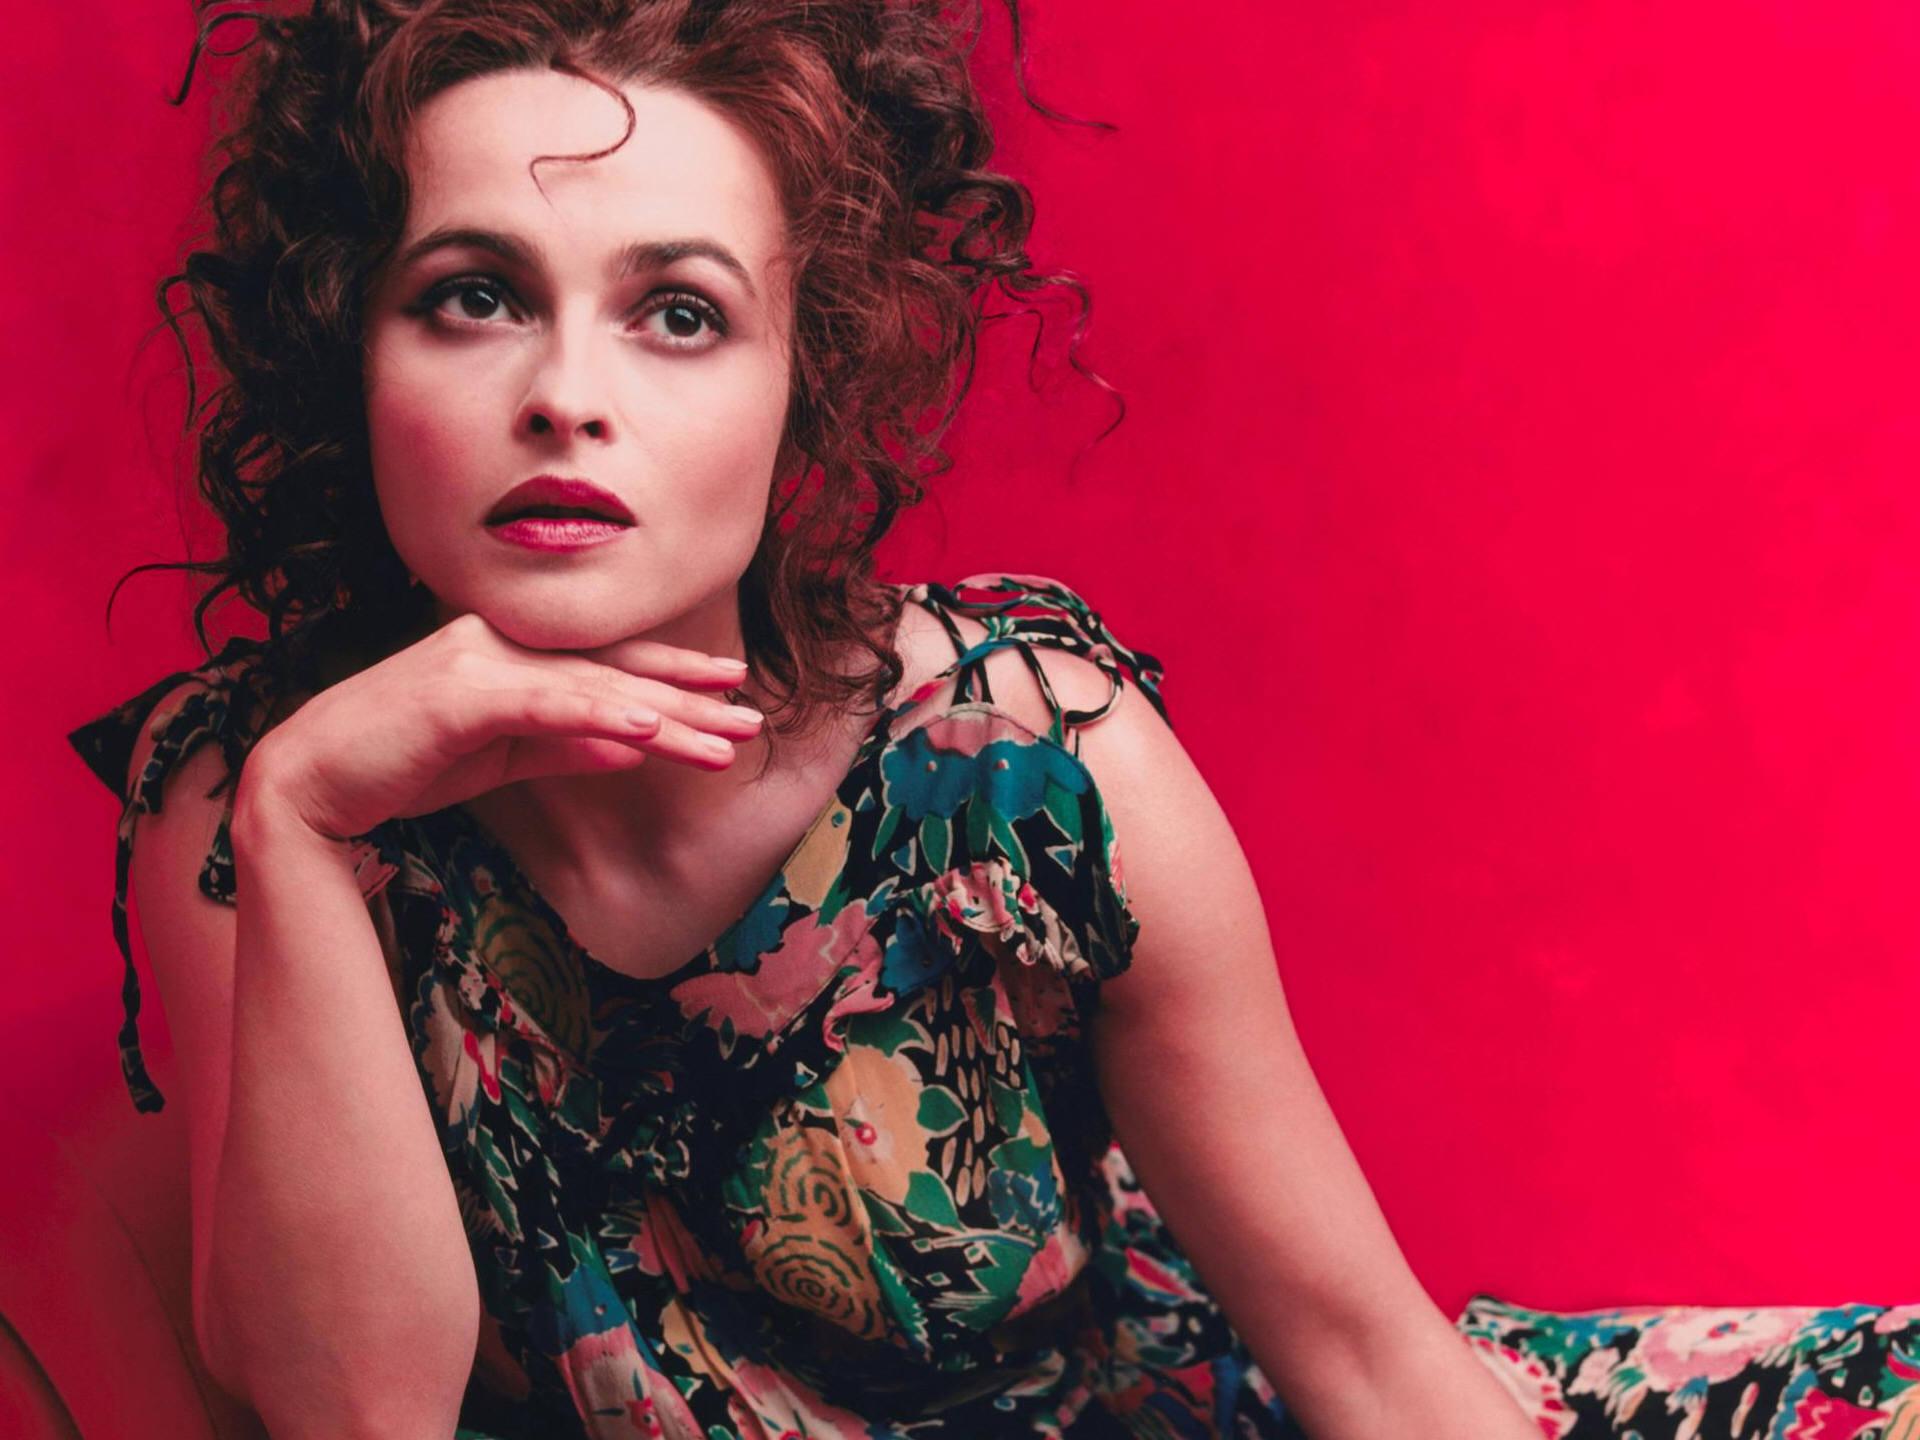 Helena Bonham Carter HD wallpapers, Desktop wallpaper - most viewed